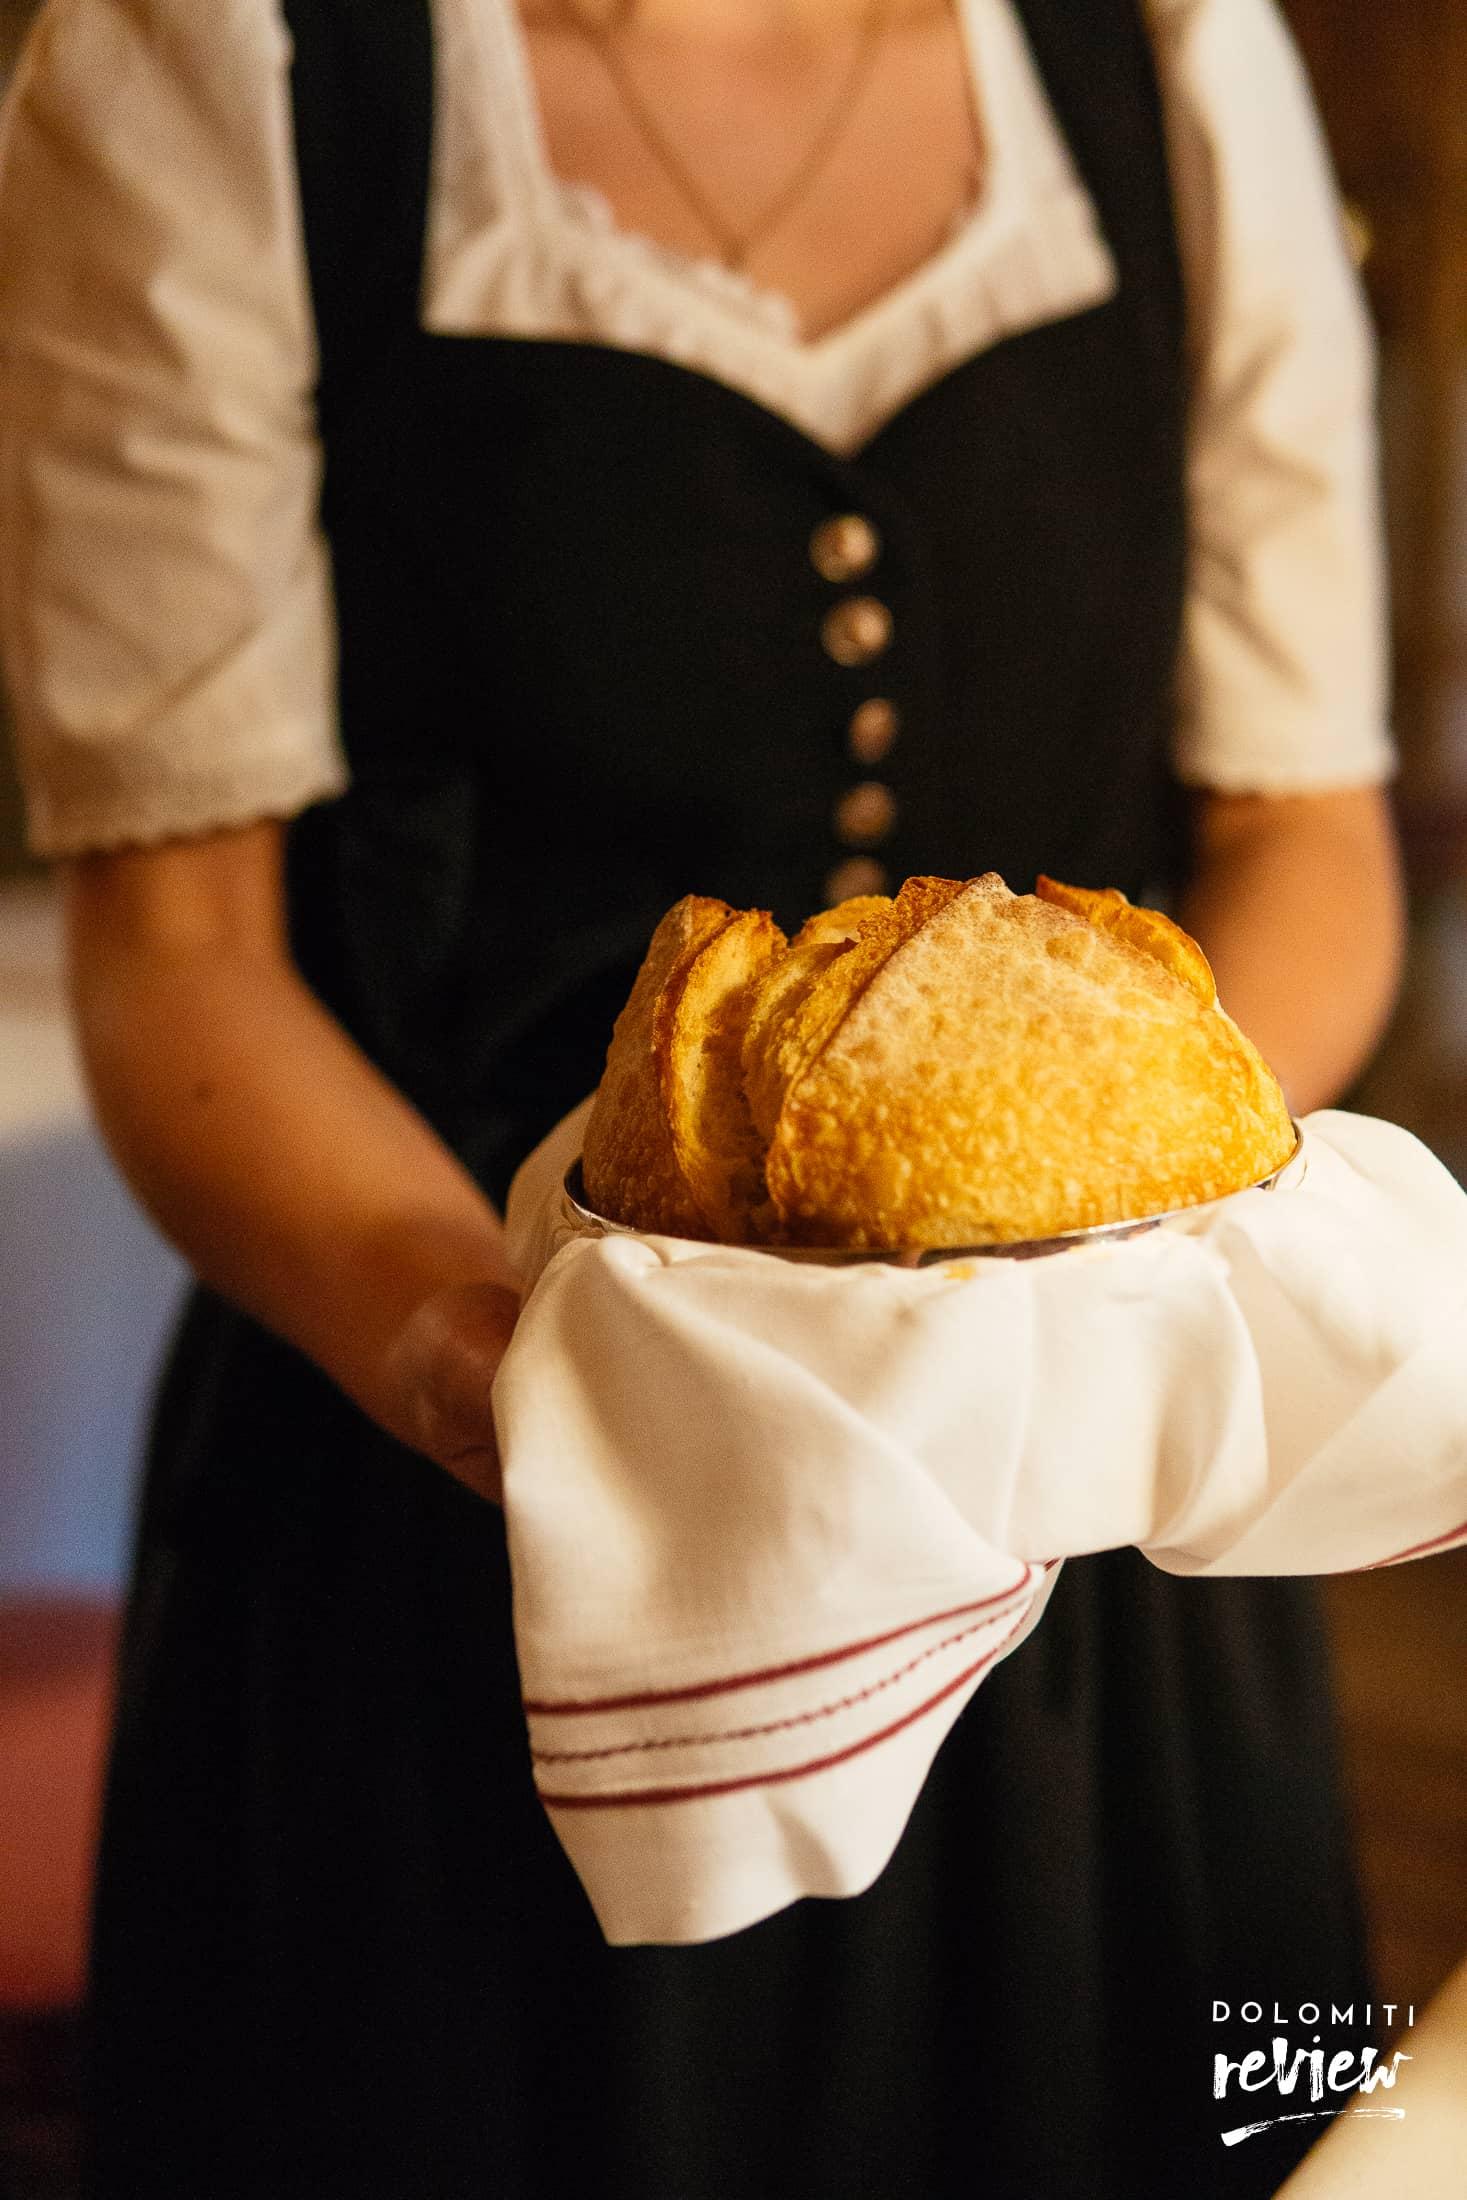 Pane fatto in casa - Ristorante Suinsom